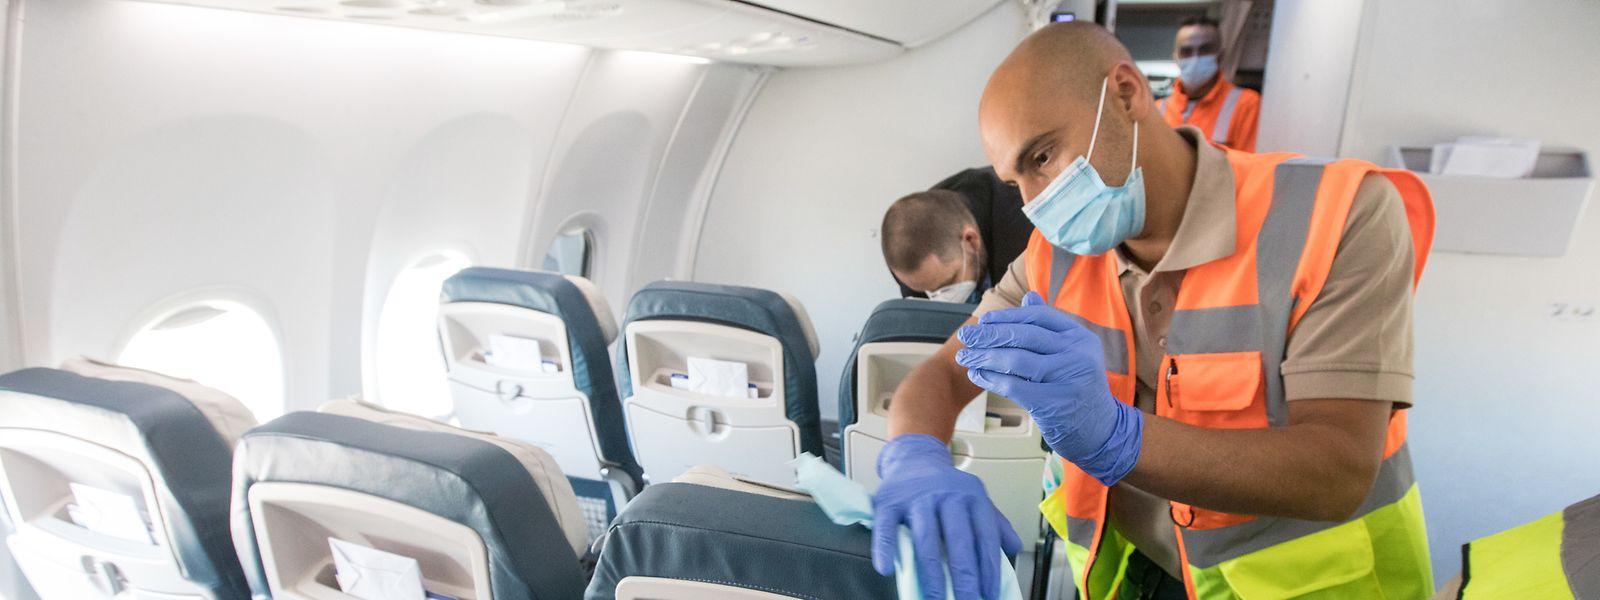 Après avoir voyagé dans des cabines bien désinfectées, les passagers des vols arrivant au Luxembourg se verront proposer un dépistage désormais.